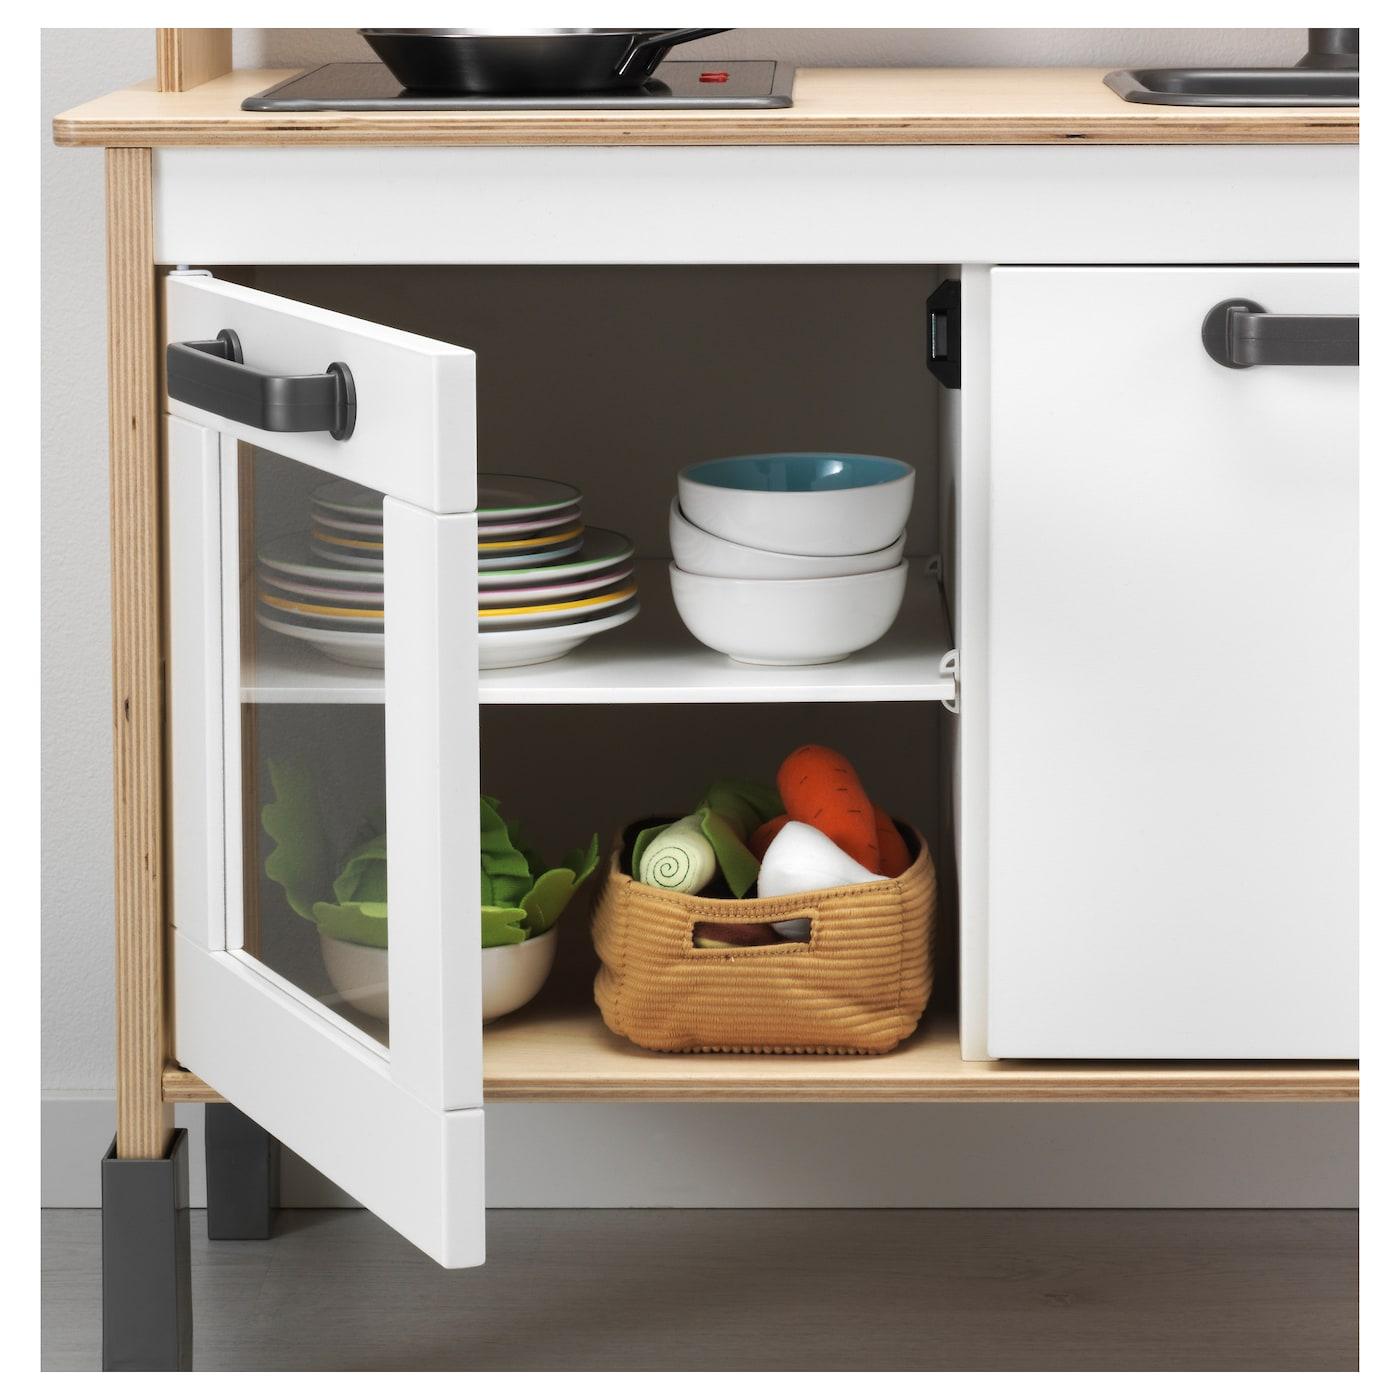 Ikea Kitchen Children: DUKTIG Play Kitchen 72 X 40 X 109 Cm